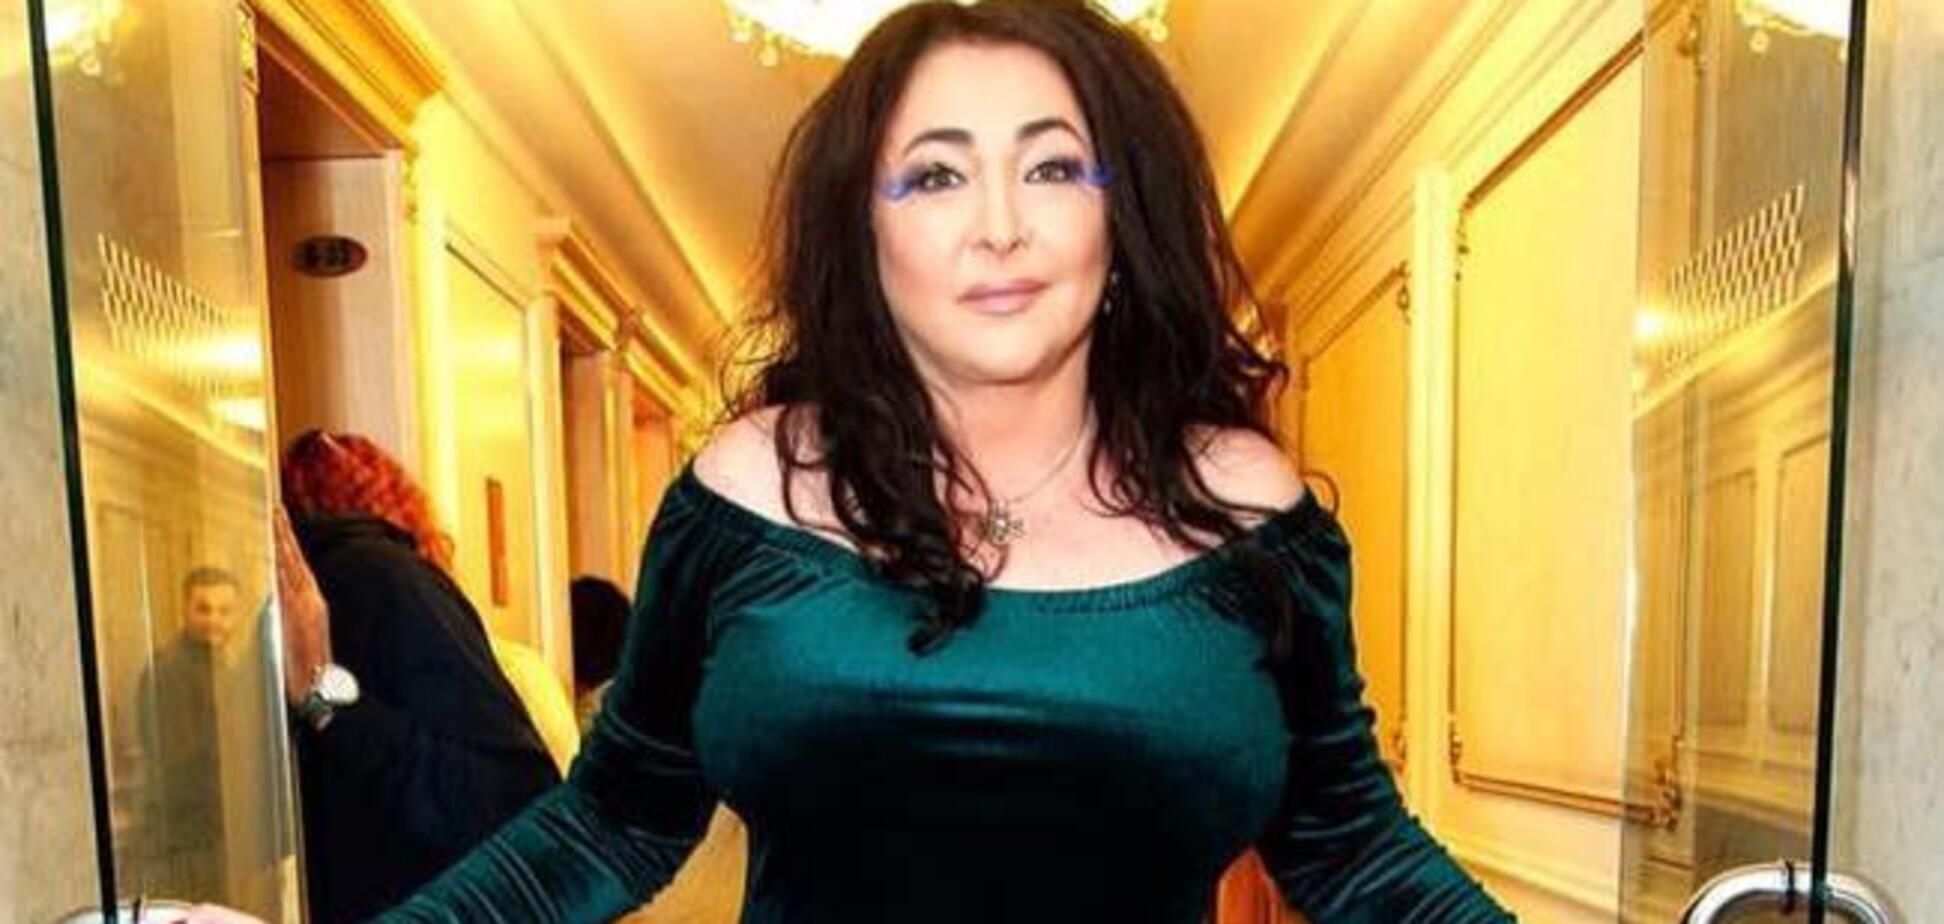 На премії в Москві Лоліта зі сцени вилаялася матом: відео